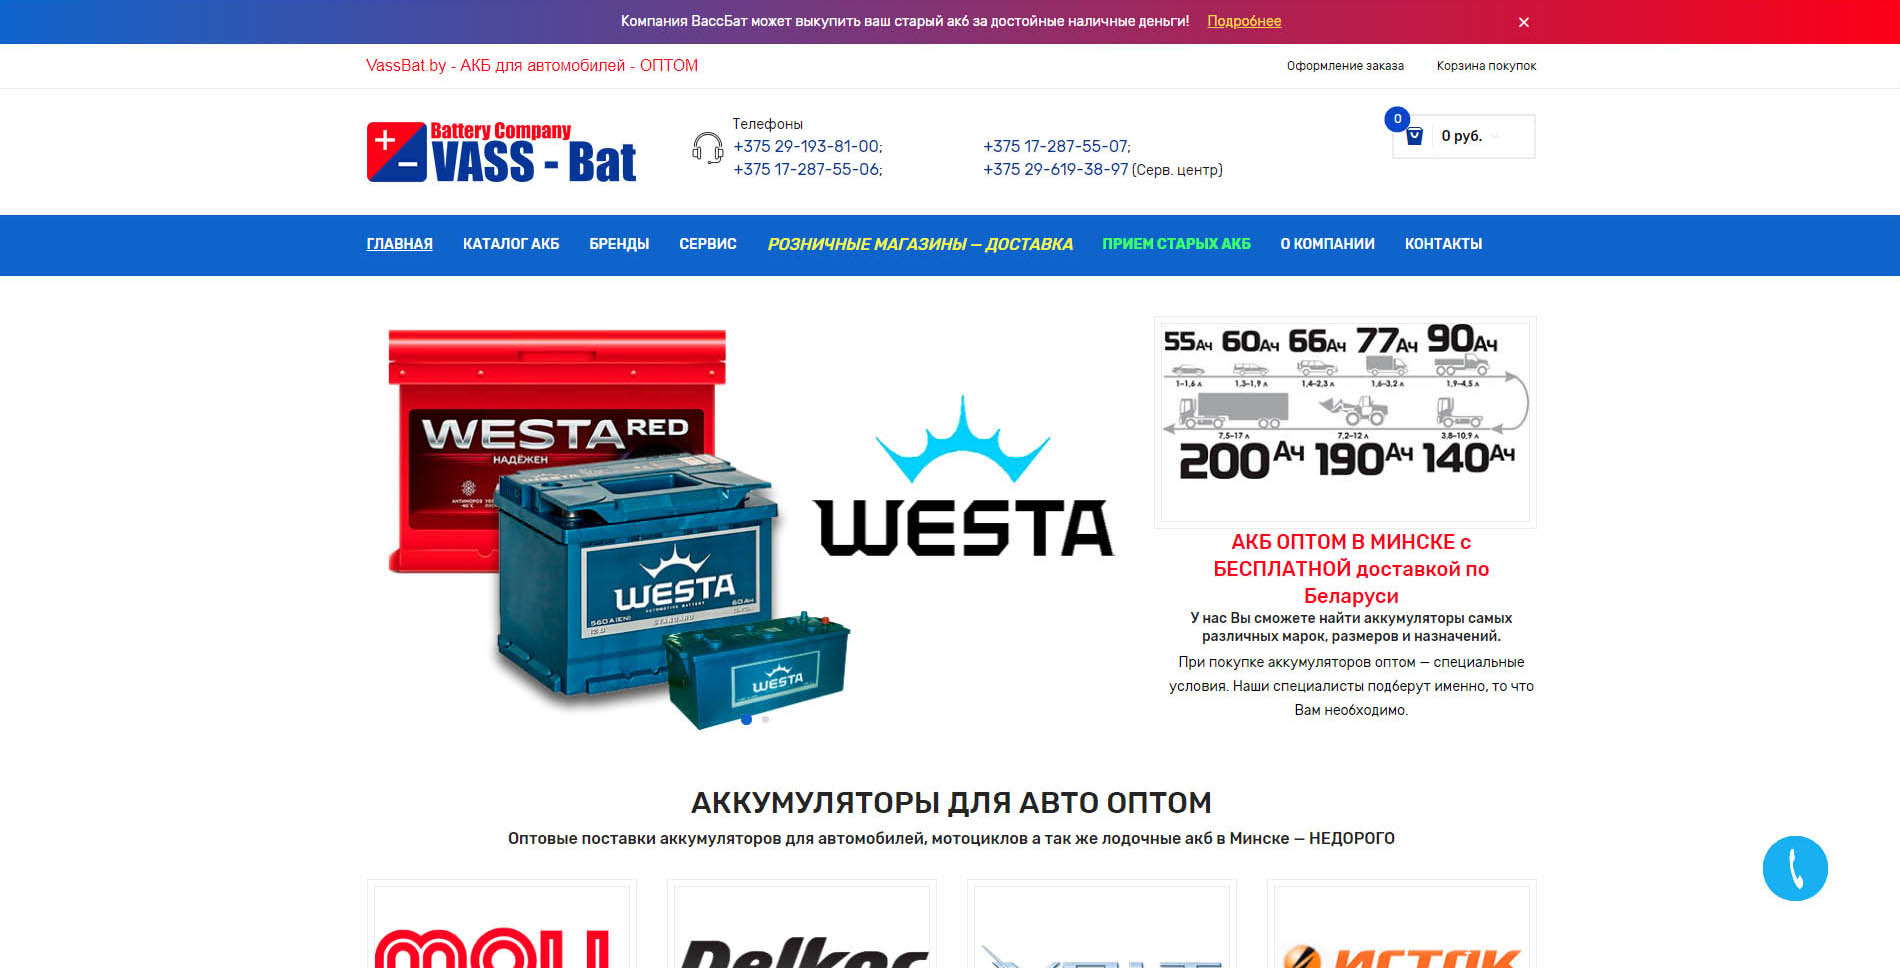 http://razrabotka-sajtov.by/wp-content/uploads/2020/04/vassbat.jpg